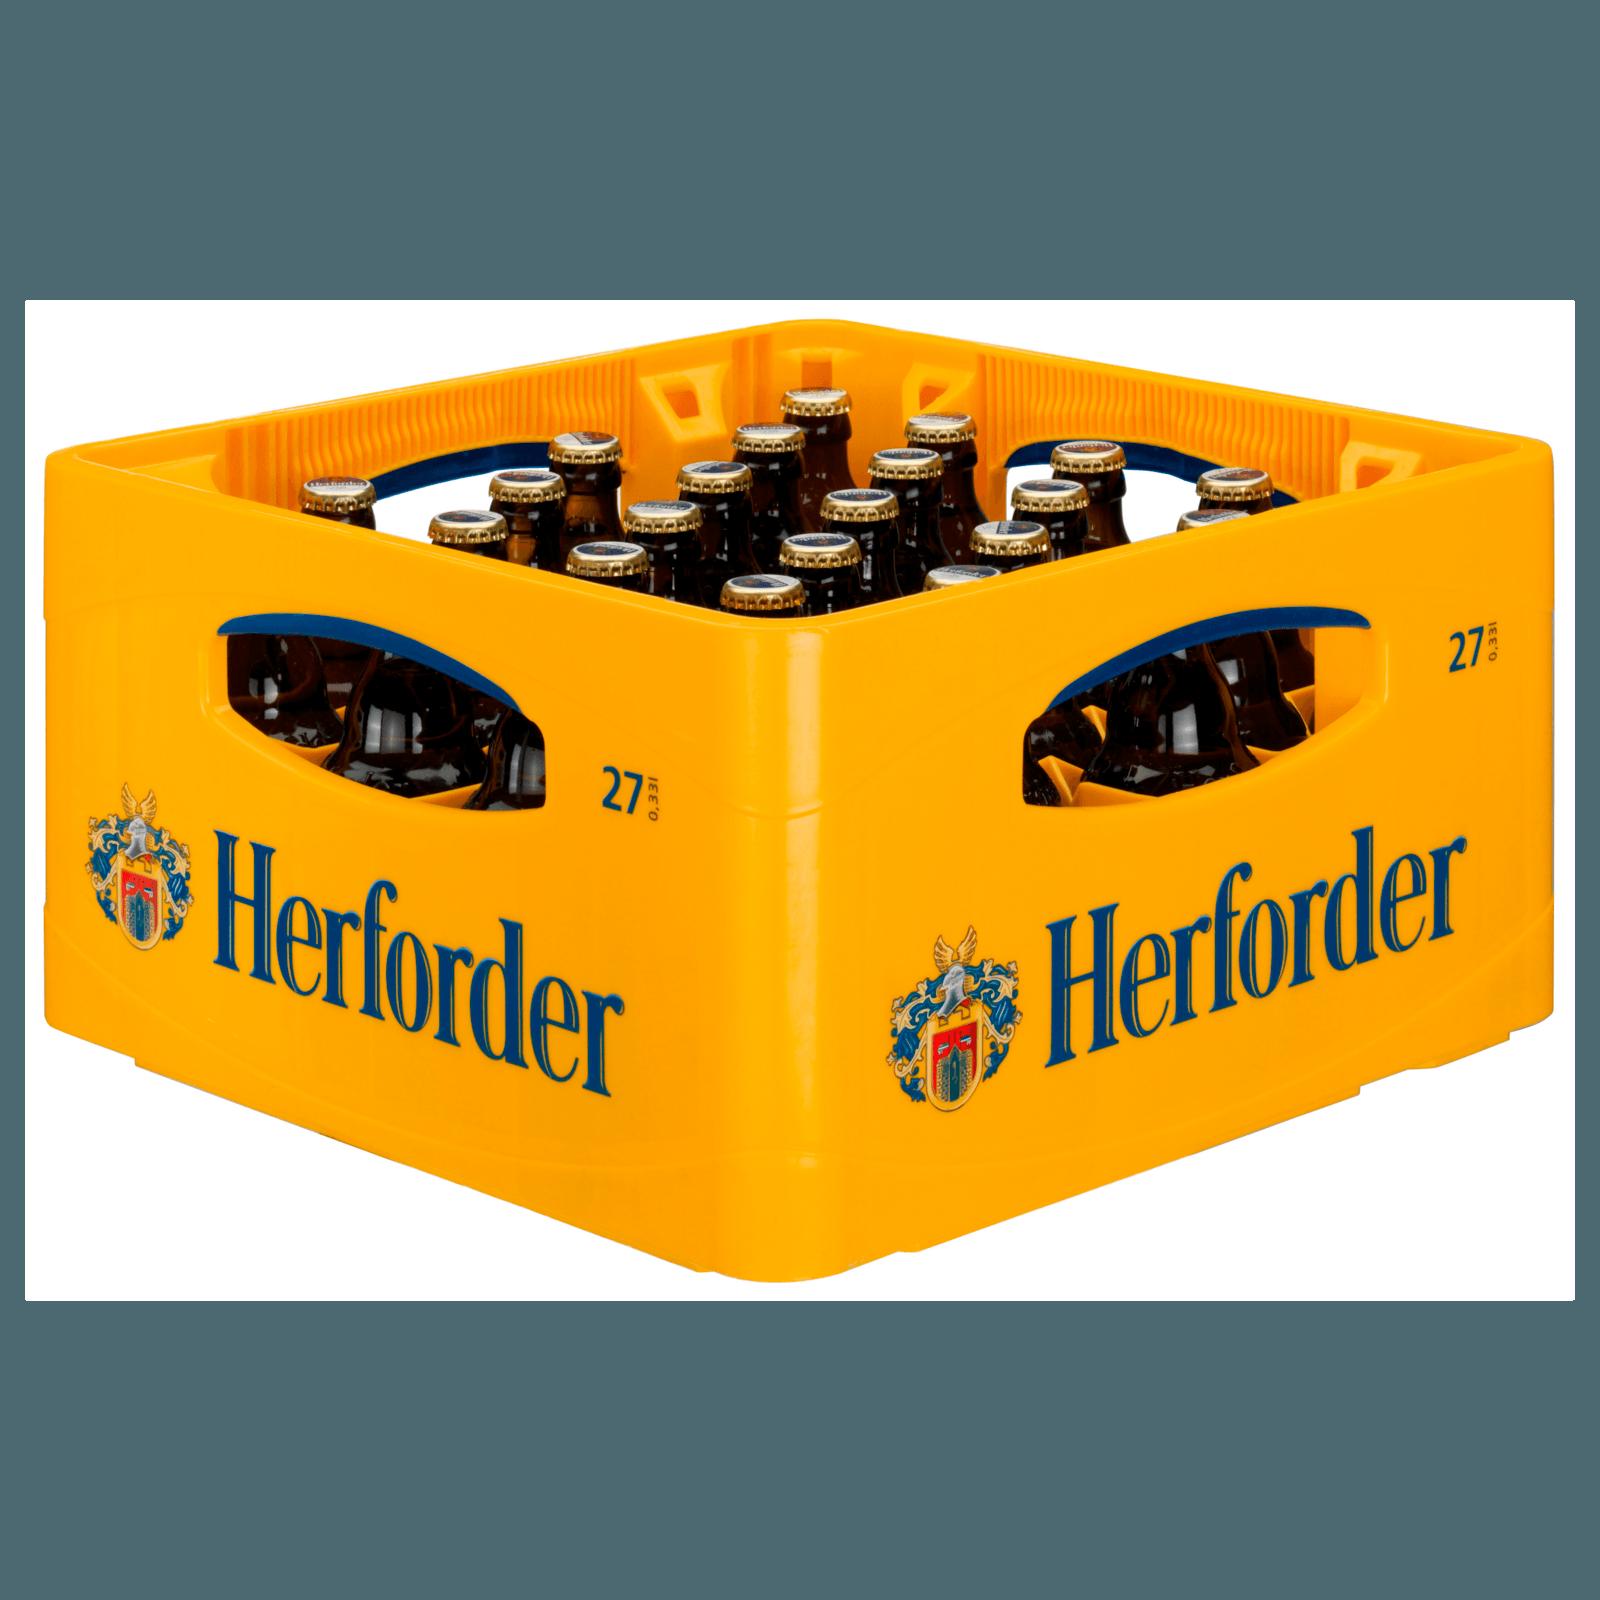 Herforder Pils 27x0,33l bei REWE online bestellen!